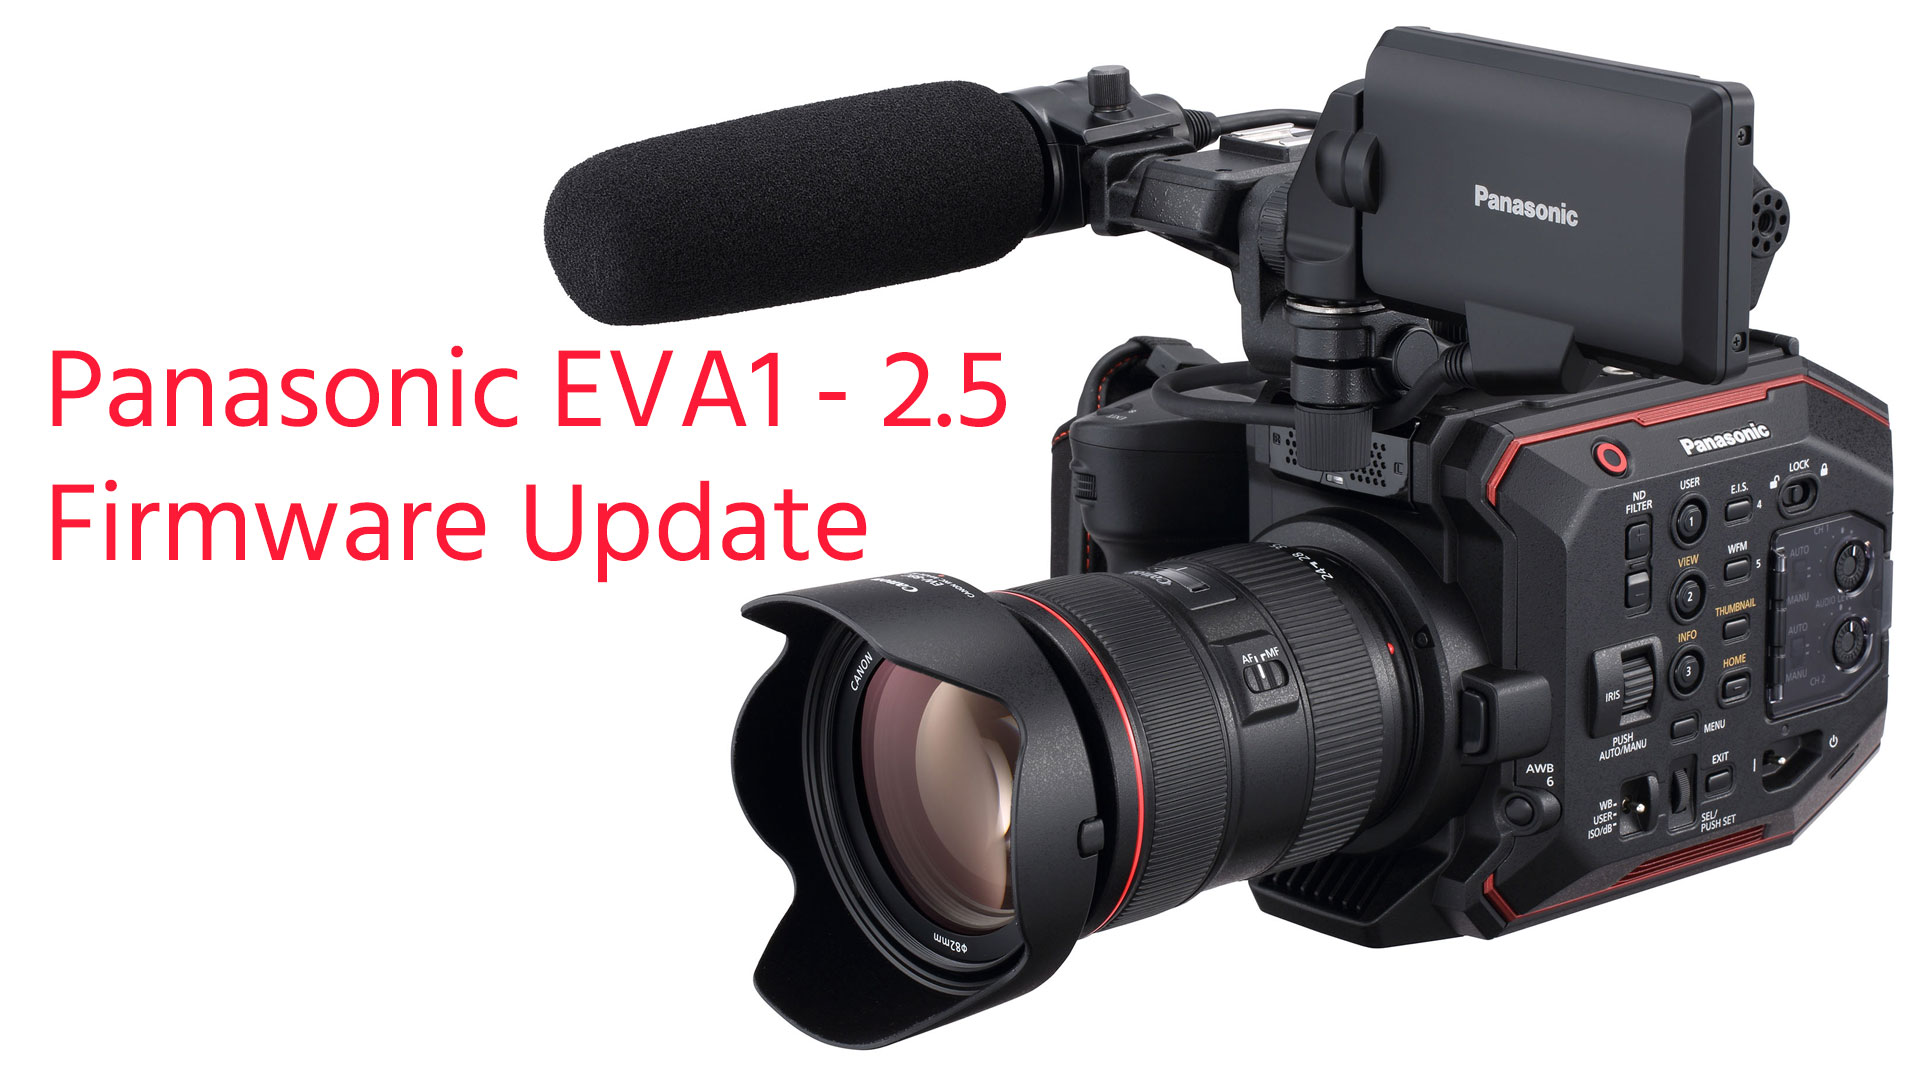 La Panasonic EVA1 recibe actualización de firmware 2.5 - Reducción de ruido SMOOTH y más